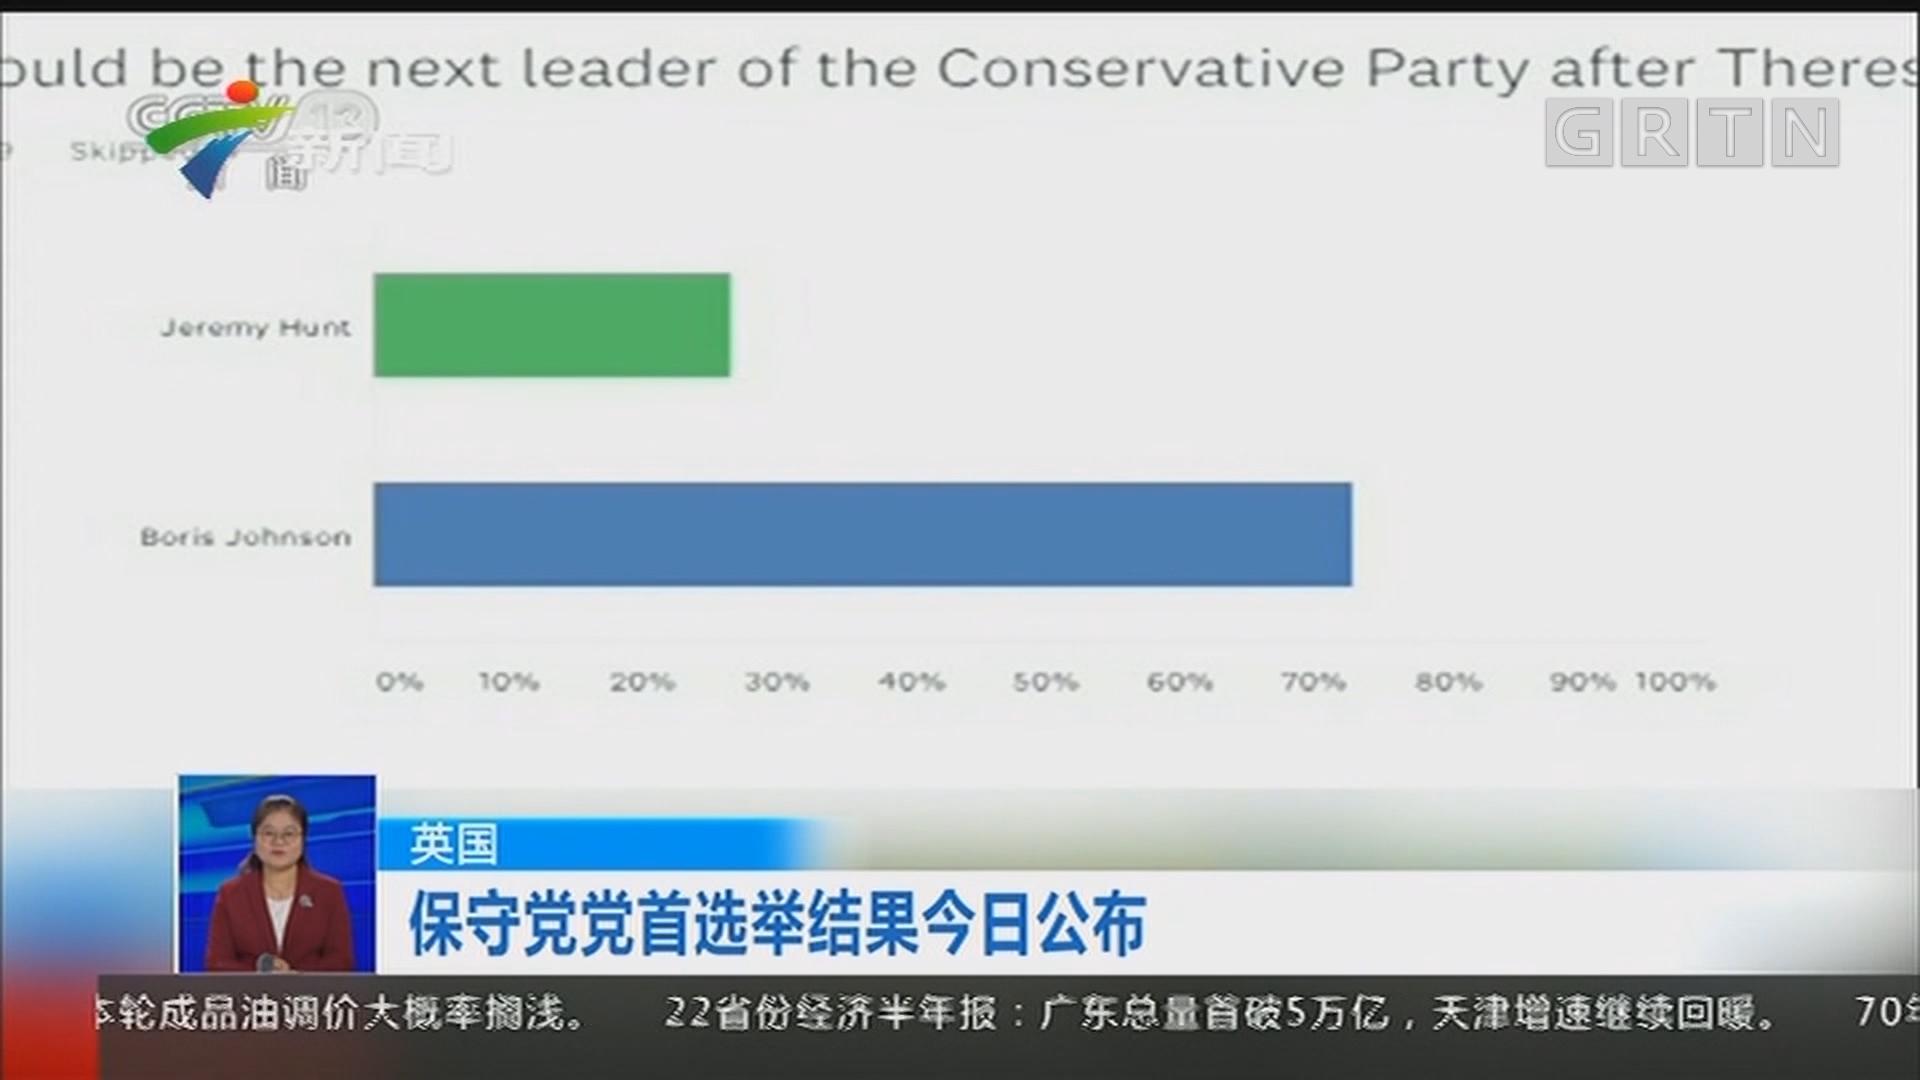 英国:保守党党首选举结果今日公布